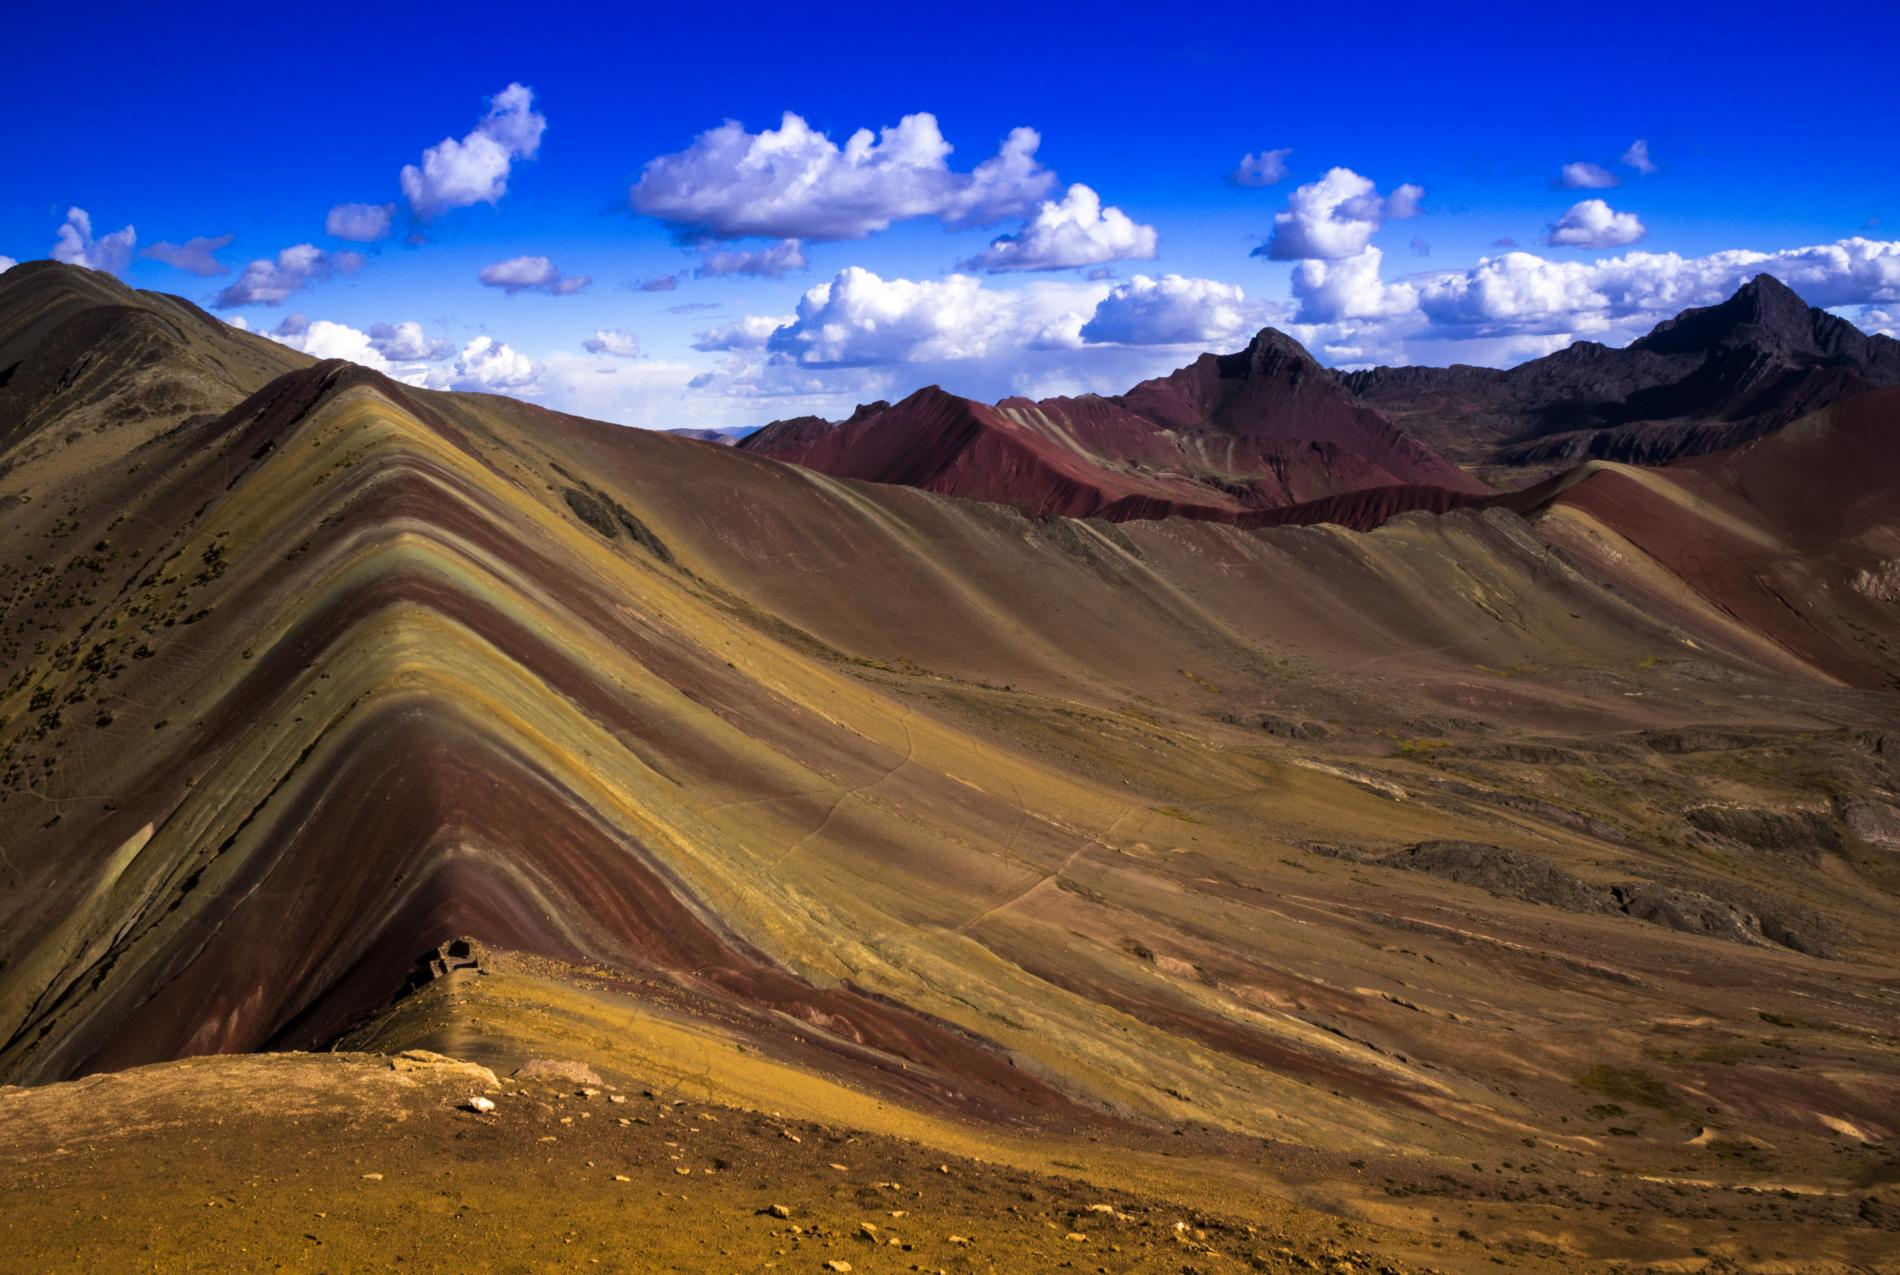 Voyage solidaire Pérou : Vision du Monde - Photo 9